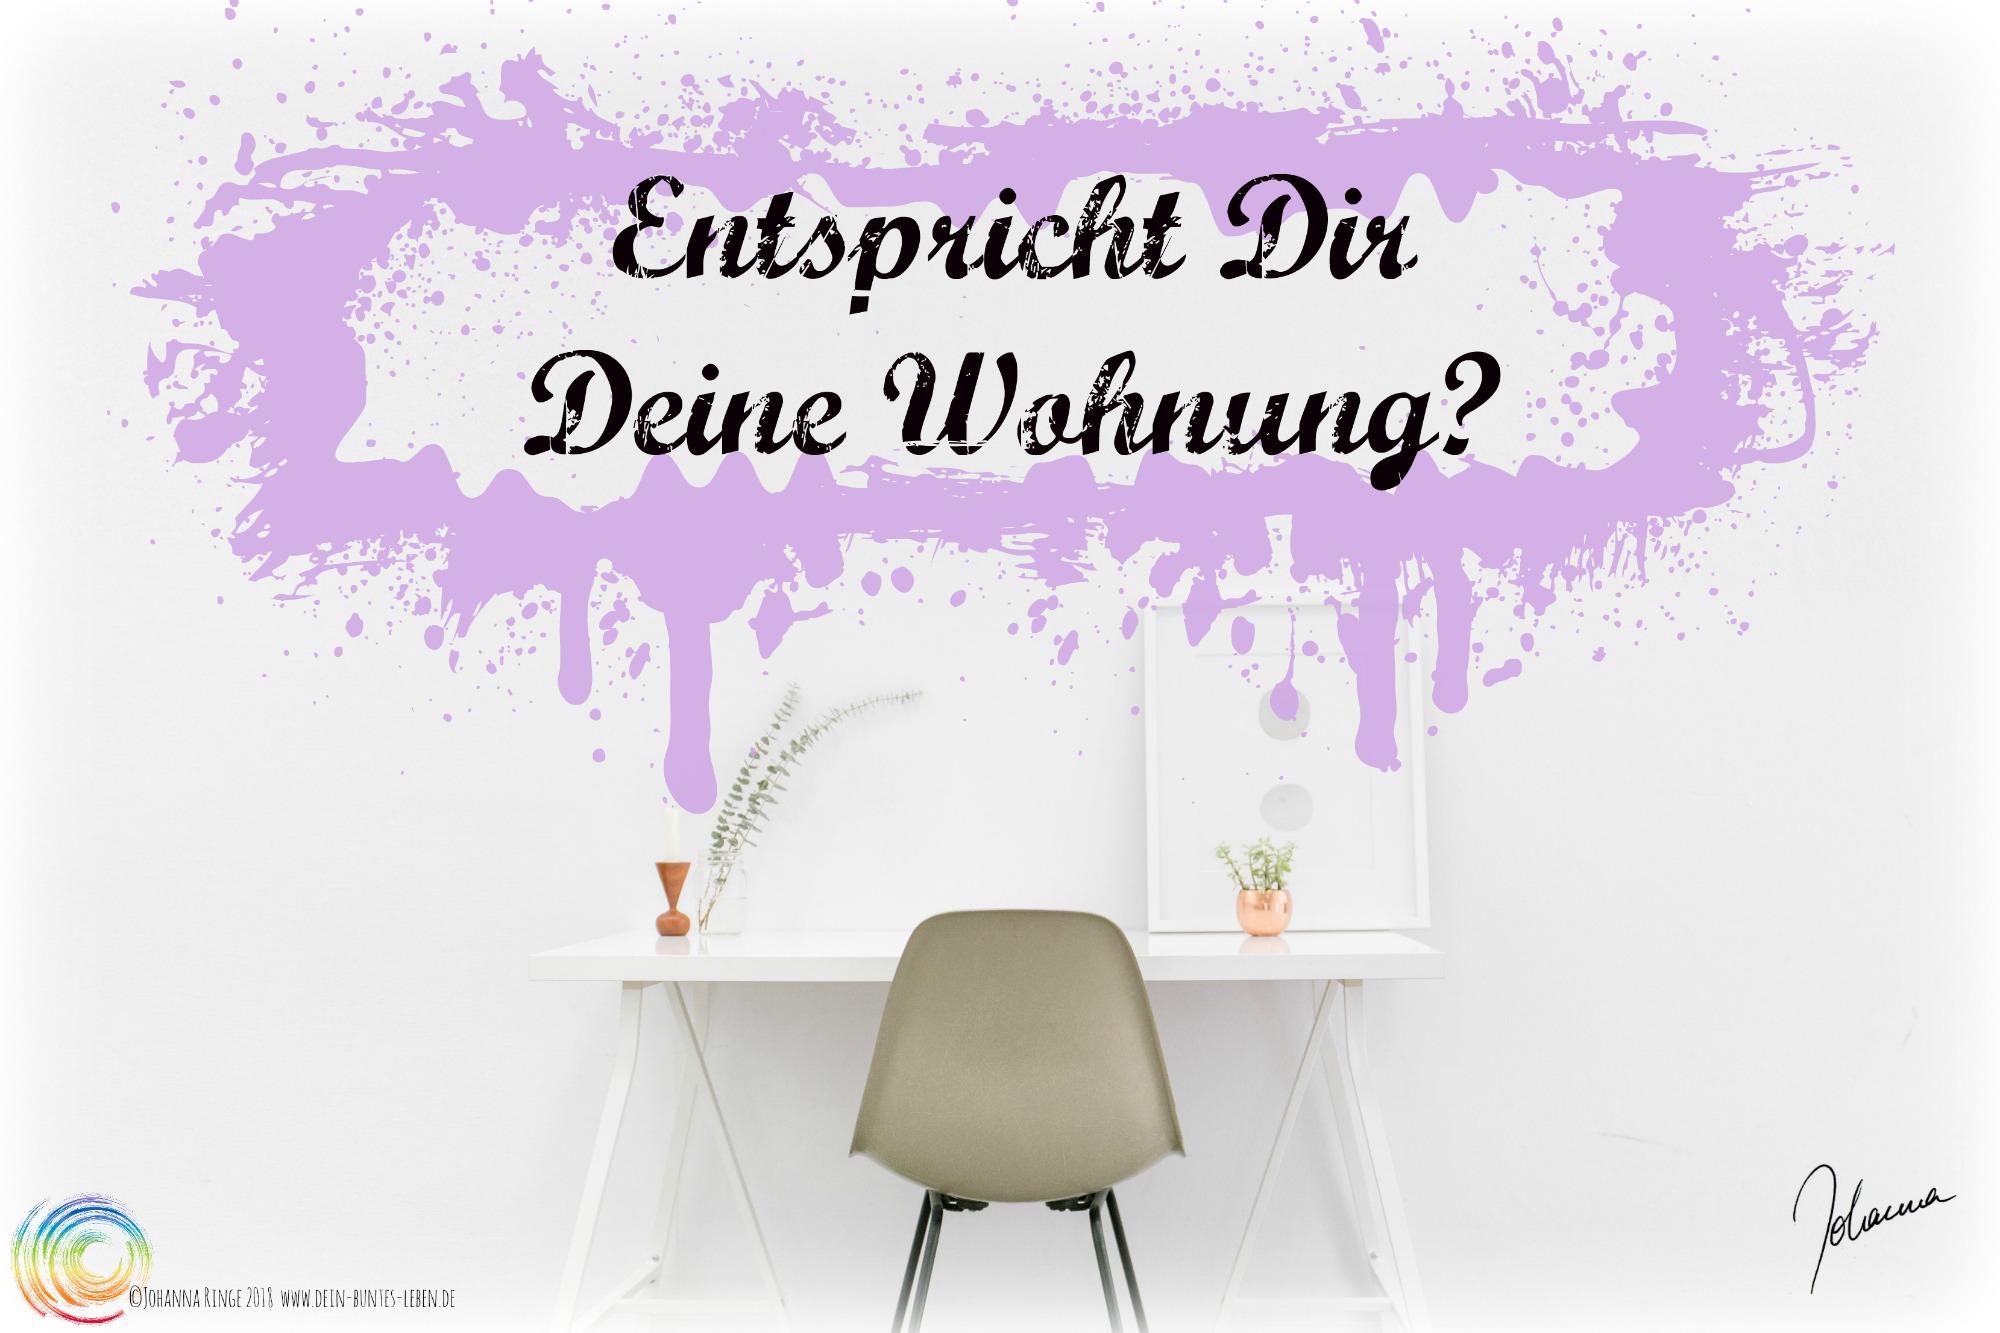 Entspricht Dir Deine Wohnung? Text auf Foto von Schreibtisch. ©Johanna Ringe 2018 www.dein-buntes-leben.de